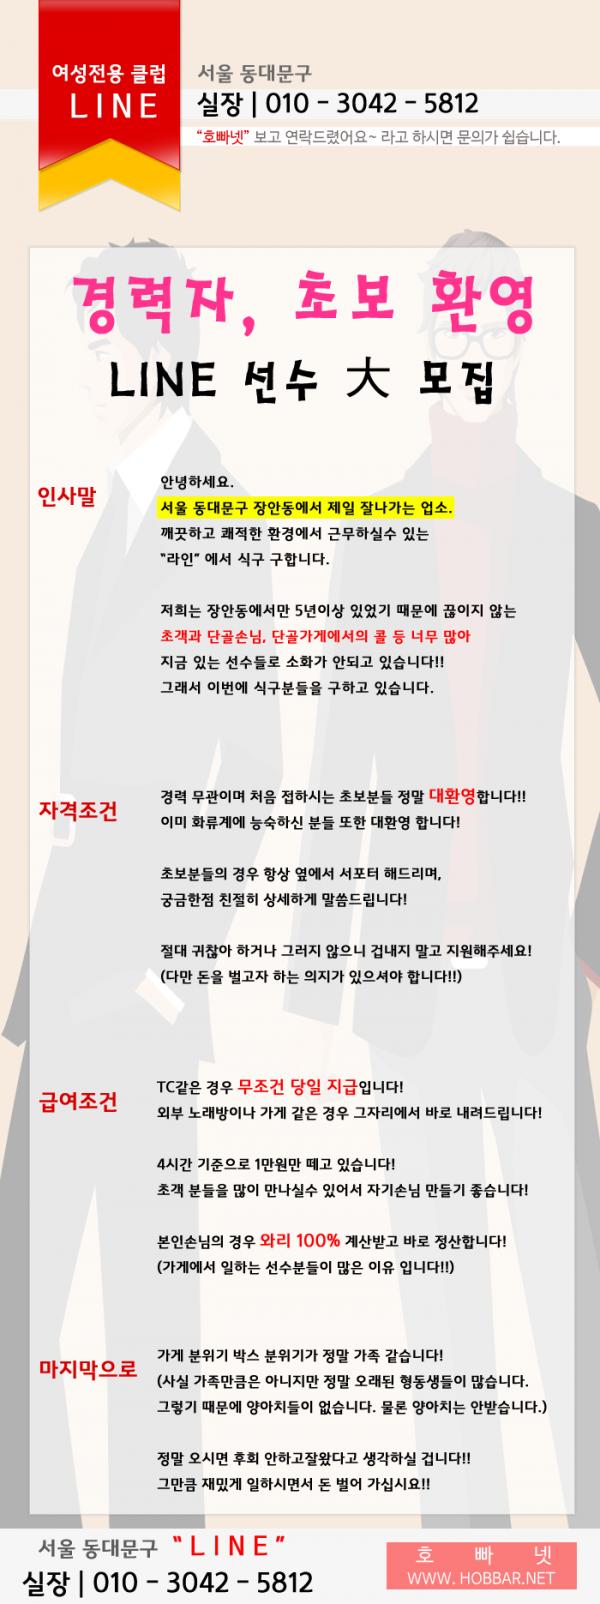 장안동 호빠 LINE.png